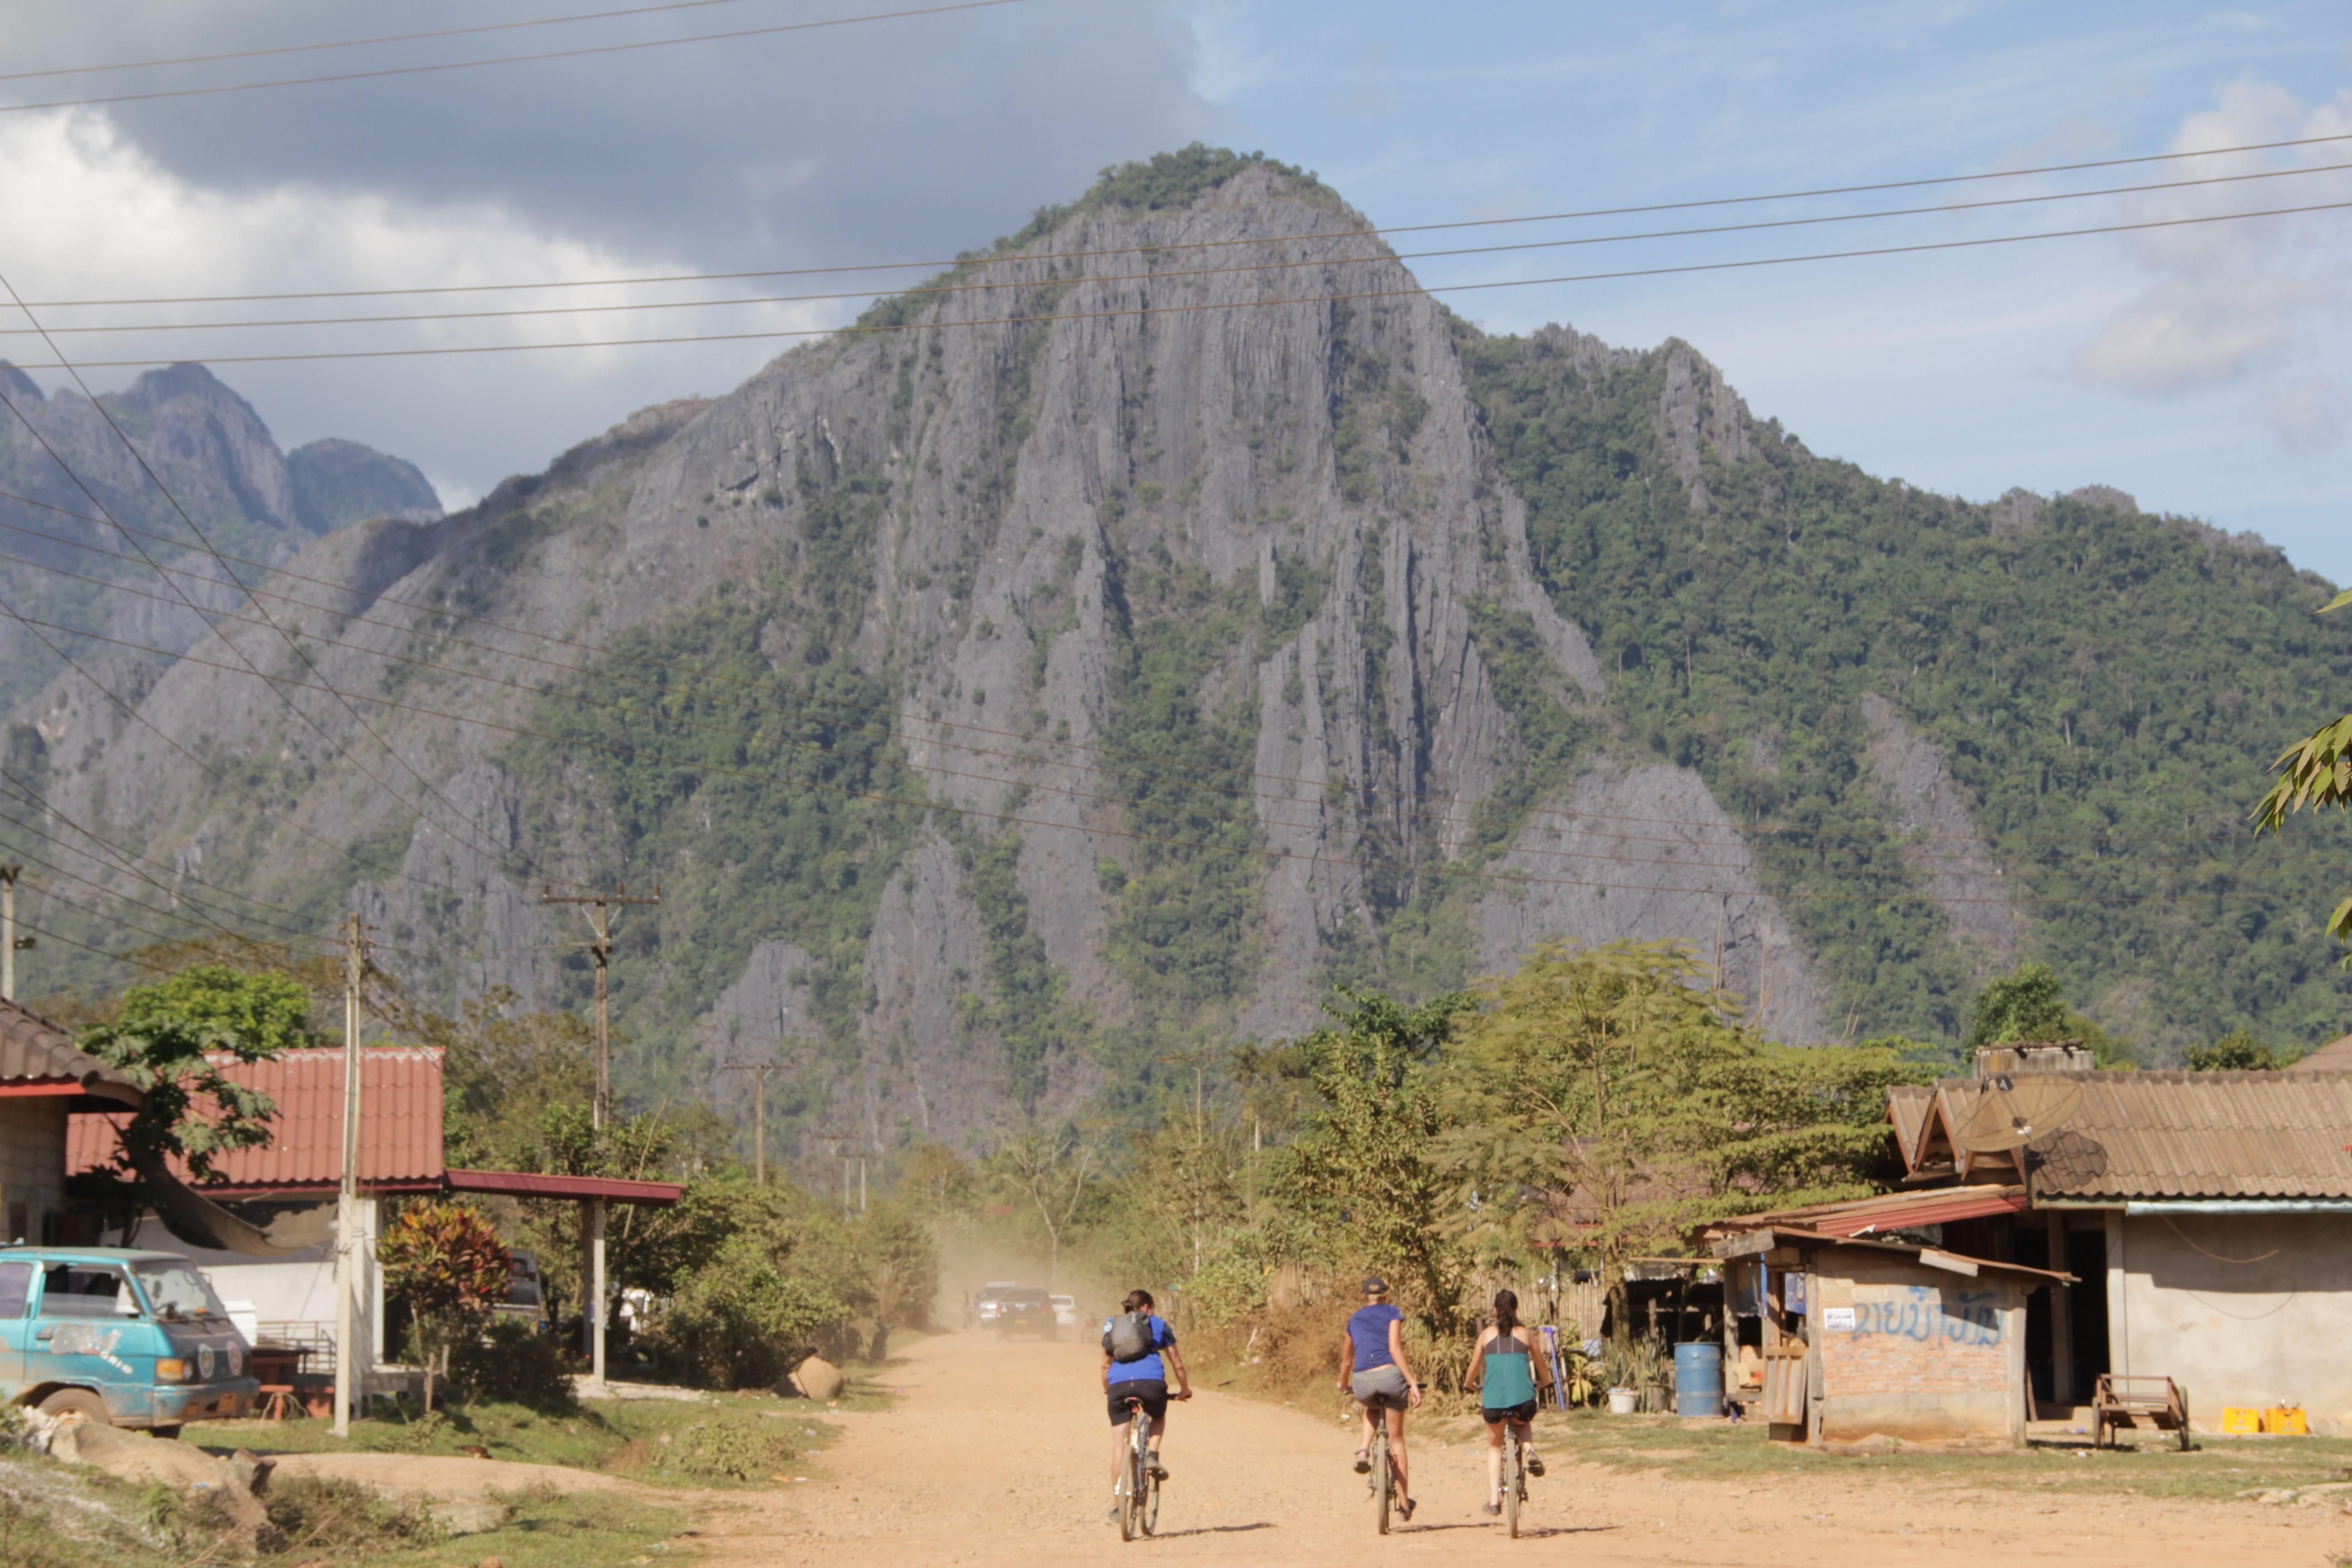 Alain, Aurélie et Loïse foncent vers les montagnes autour de Vang Vieng (© Jérôme Decoster).